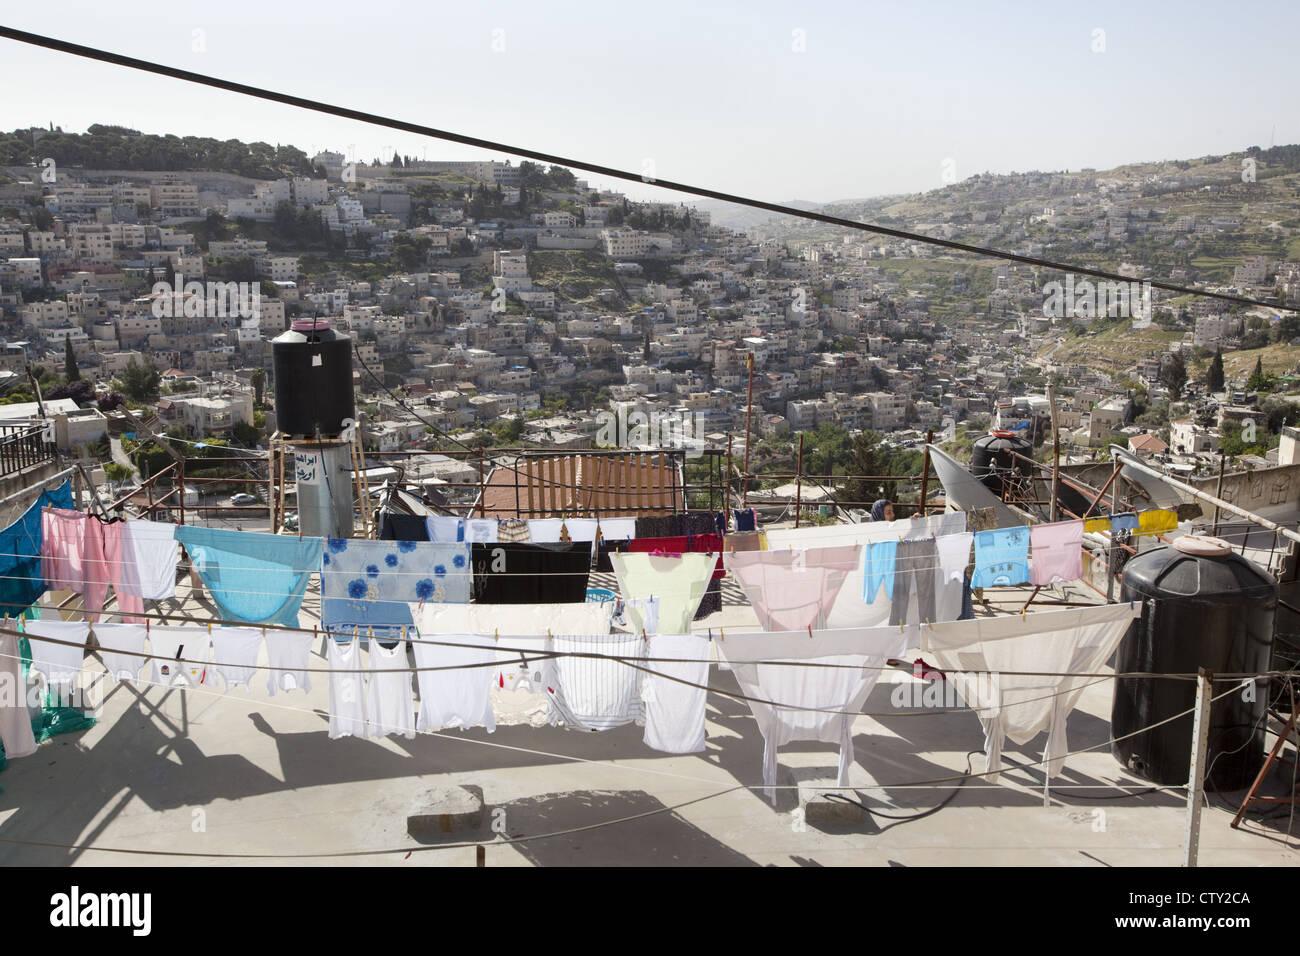 Tendederos de ropa de secado y calentadores solares de agua negra en una azotea en Jerusalén oriental, Israel Imagen De Stock